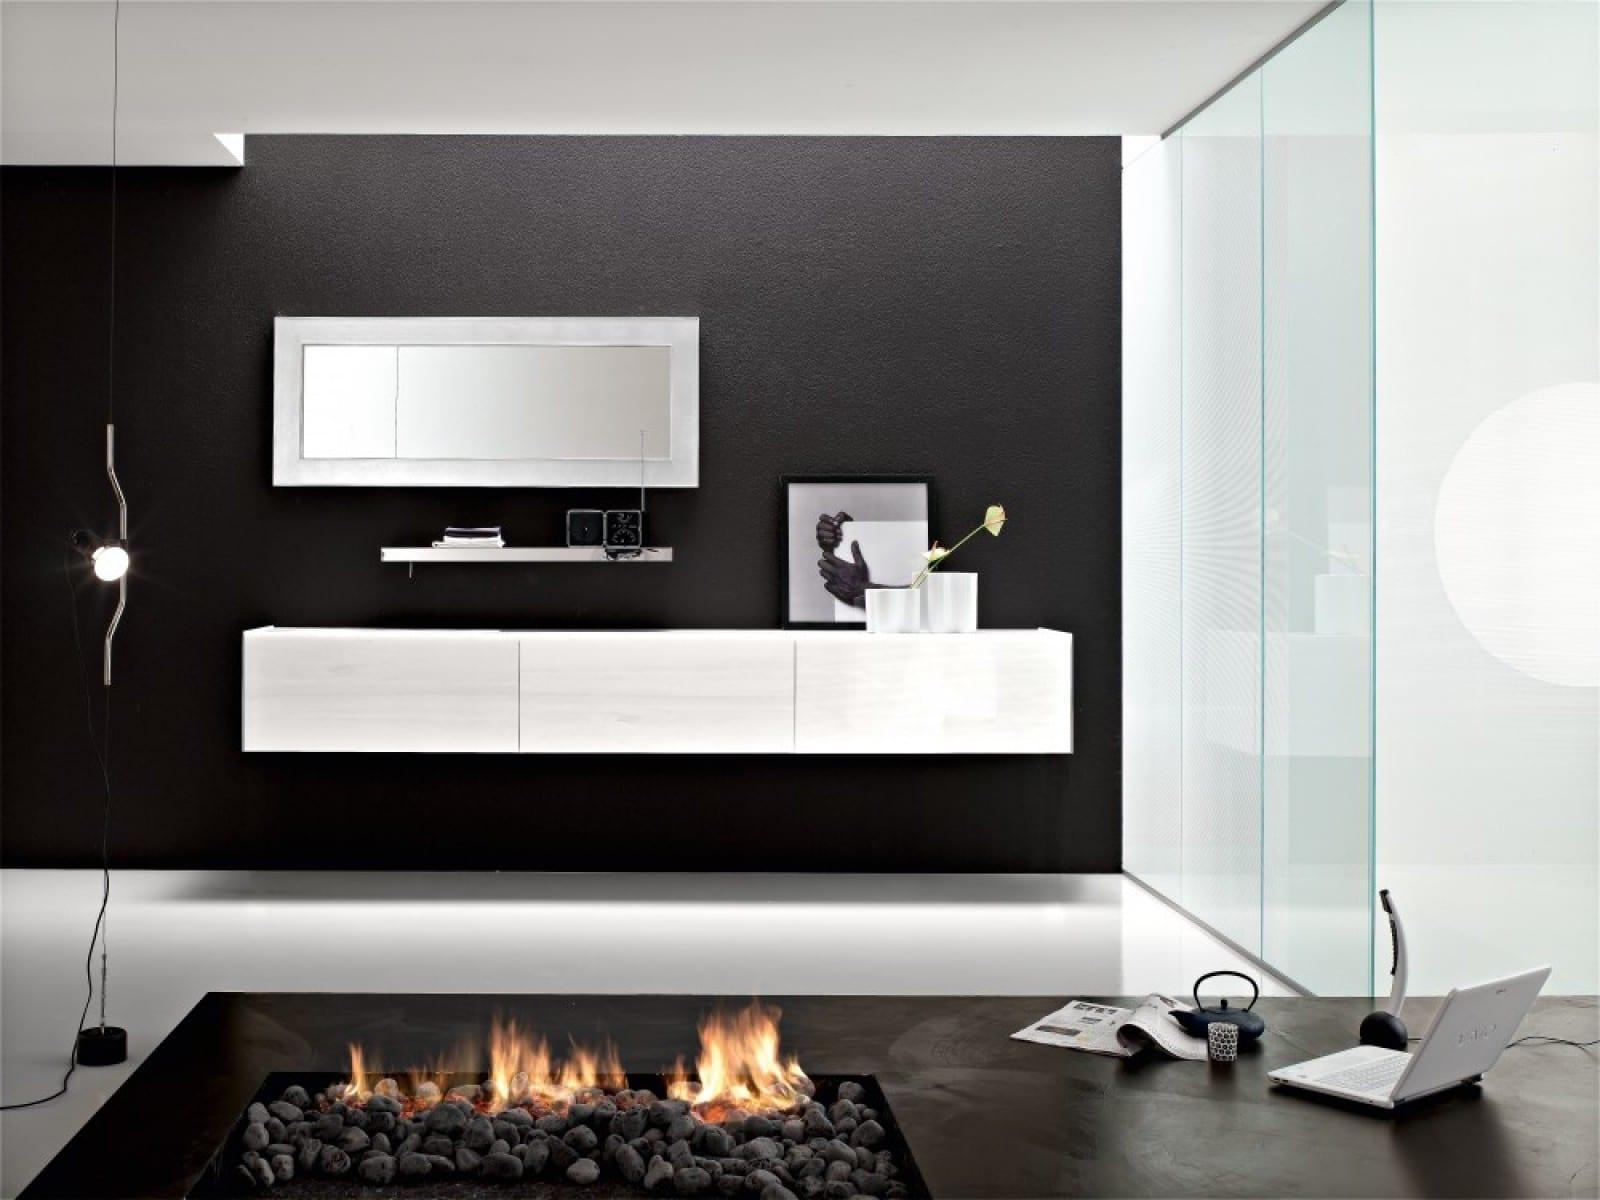 Dise o de cuartos de ba o modernos fotos construye hogar for Salle de bain ultra moderne